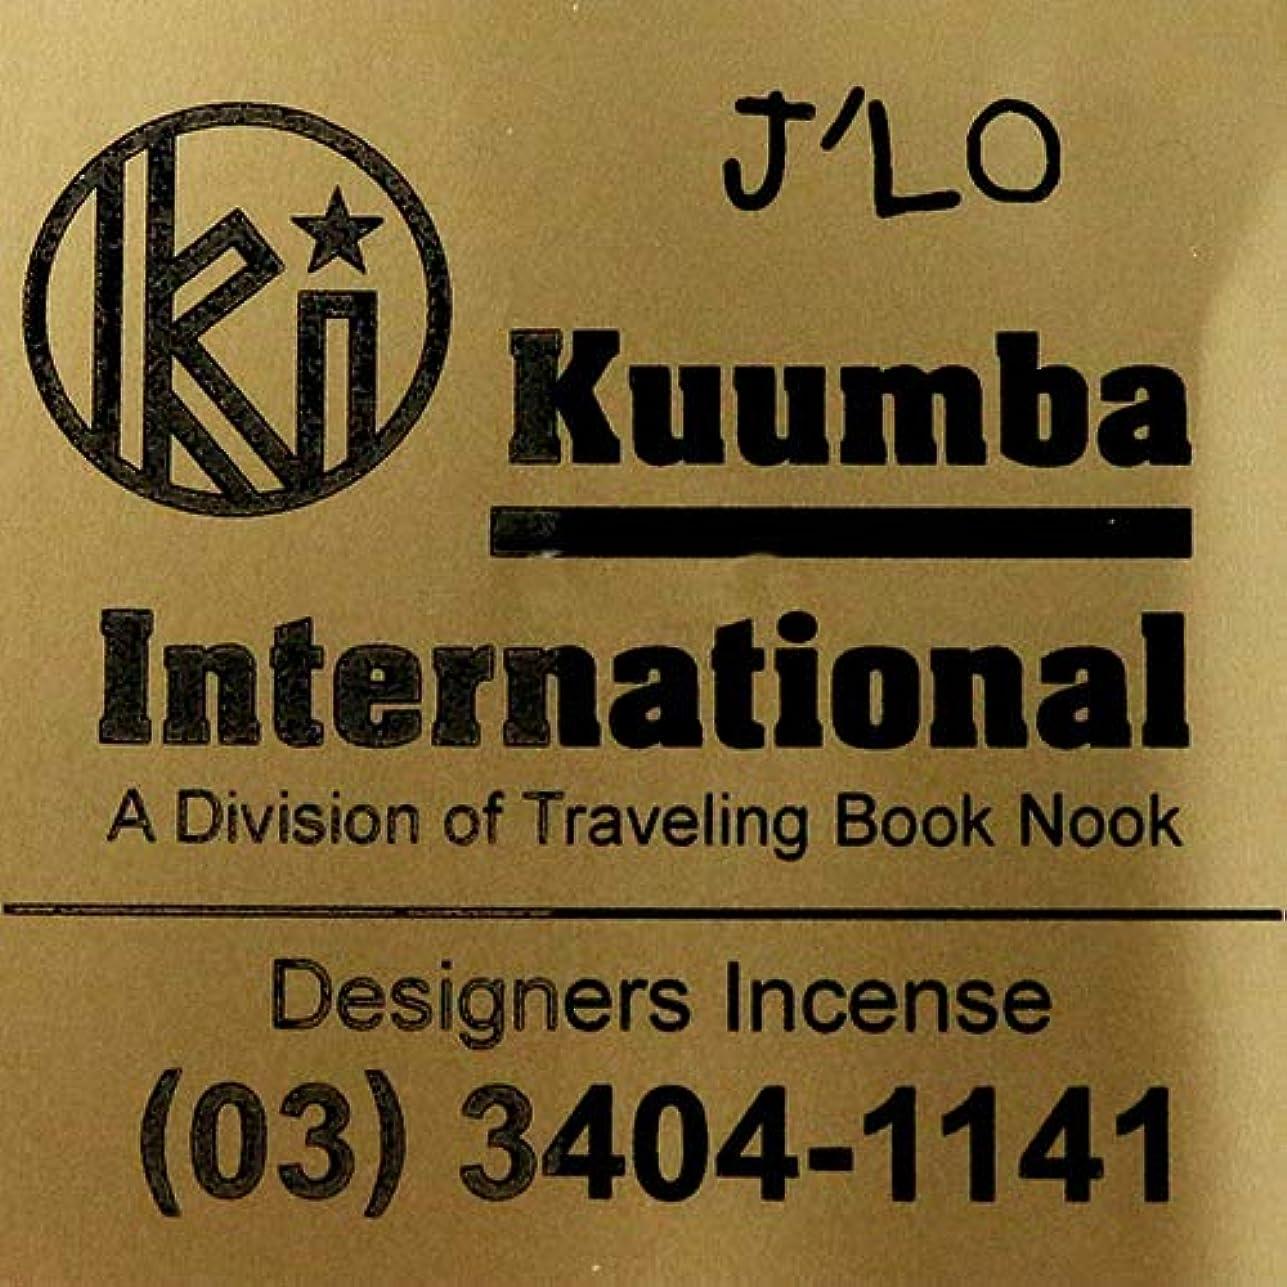 タックスチュワーデス生理(クンバ) KUUMBA『incense』(J'LO) (J'LO, Regular size)